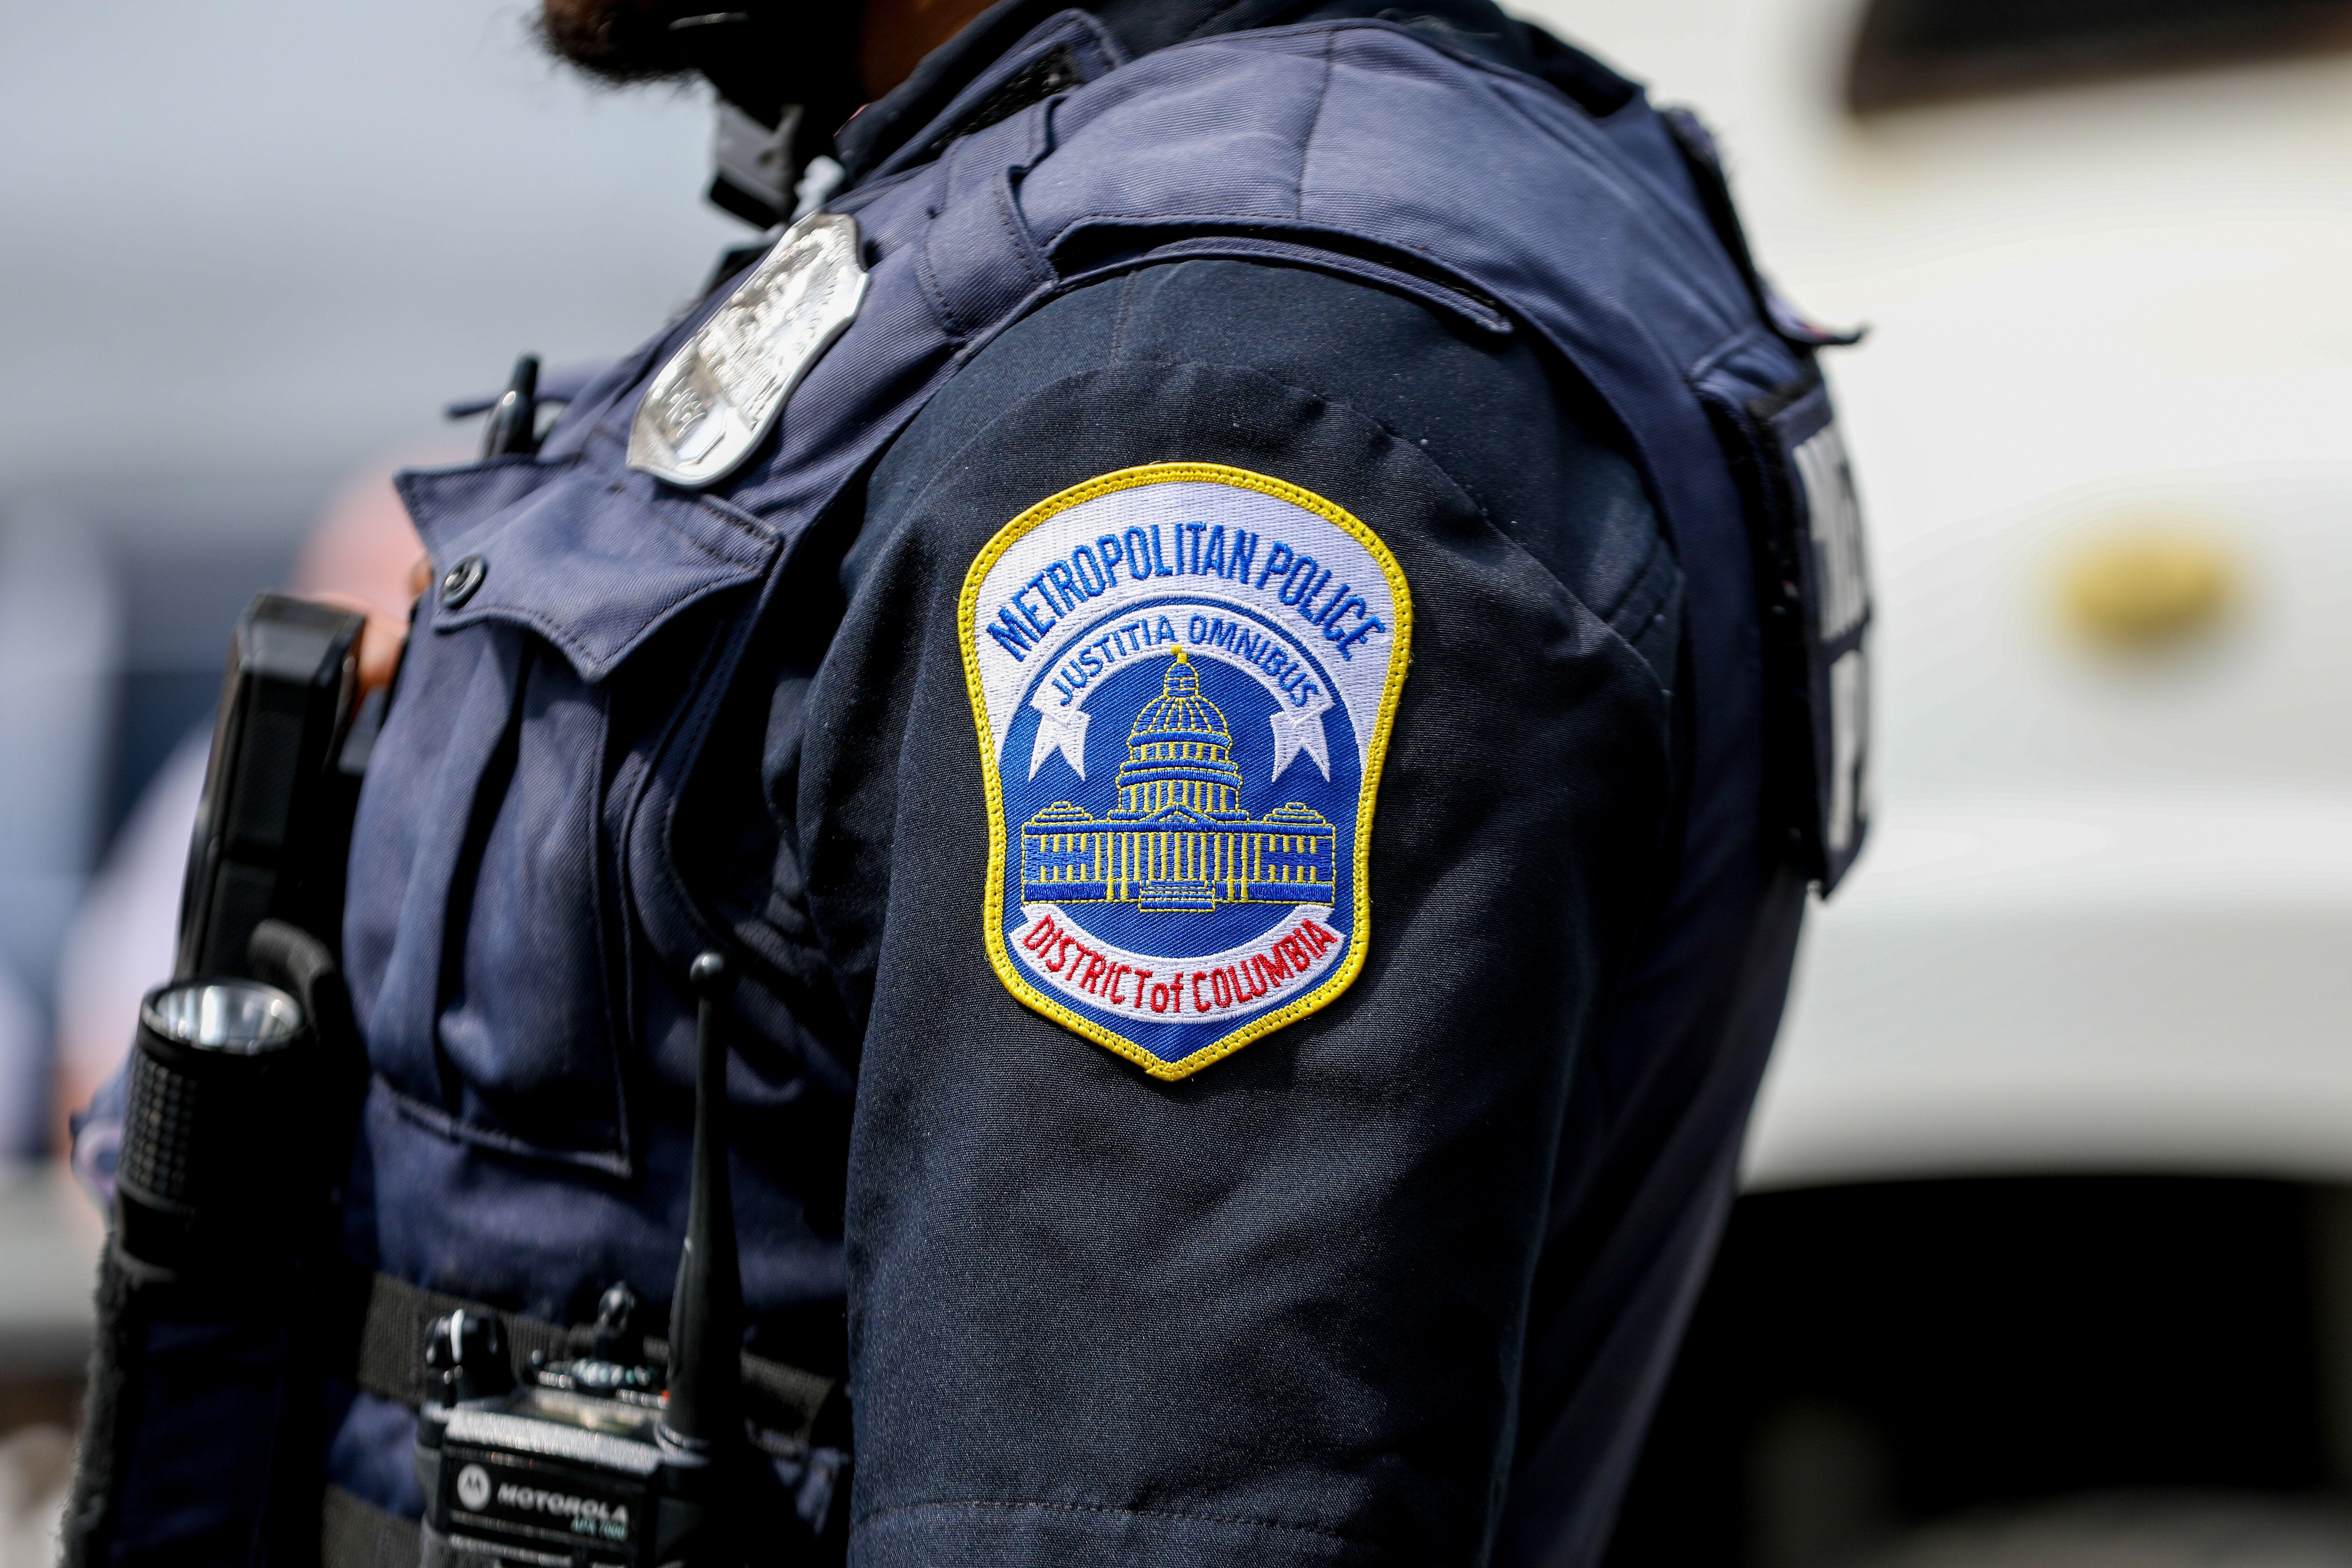 Un policier montant la garde à Washington, aux États-Unis, le 26 août